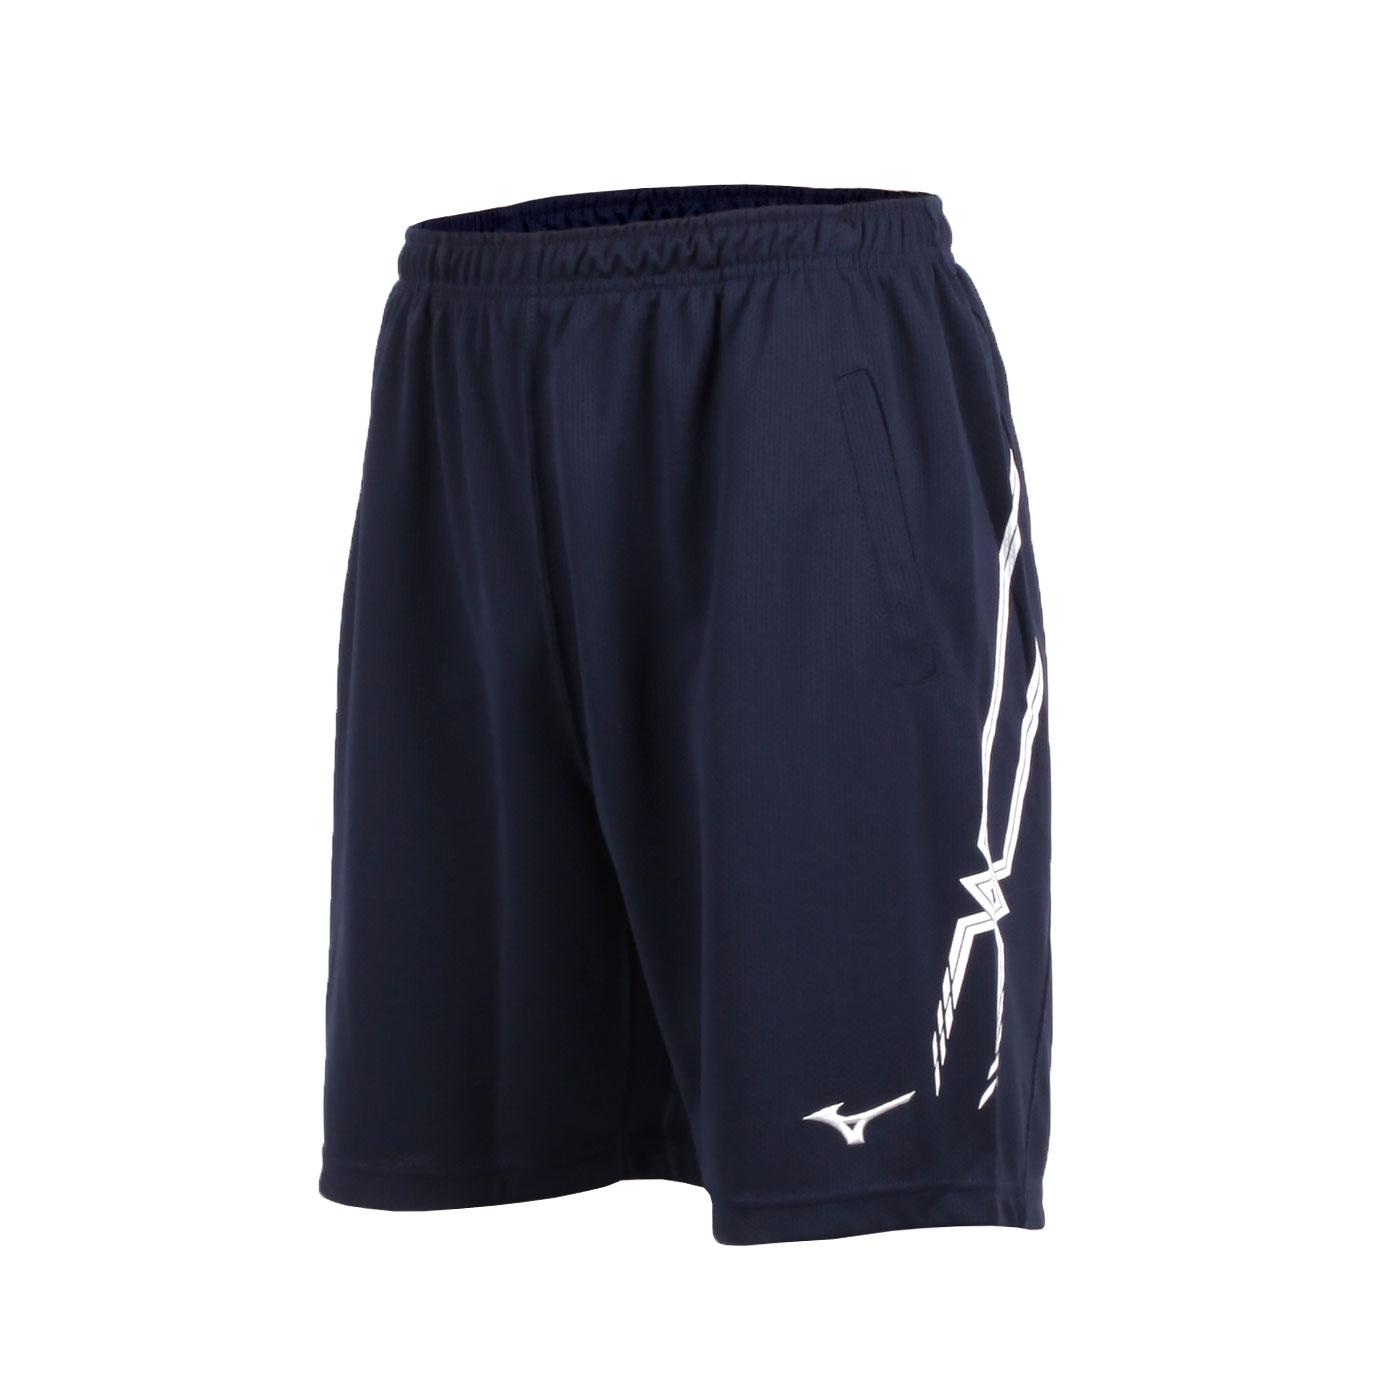 MIZUNO 男排球褲 V2TB7A0609 - 丈青白